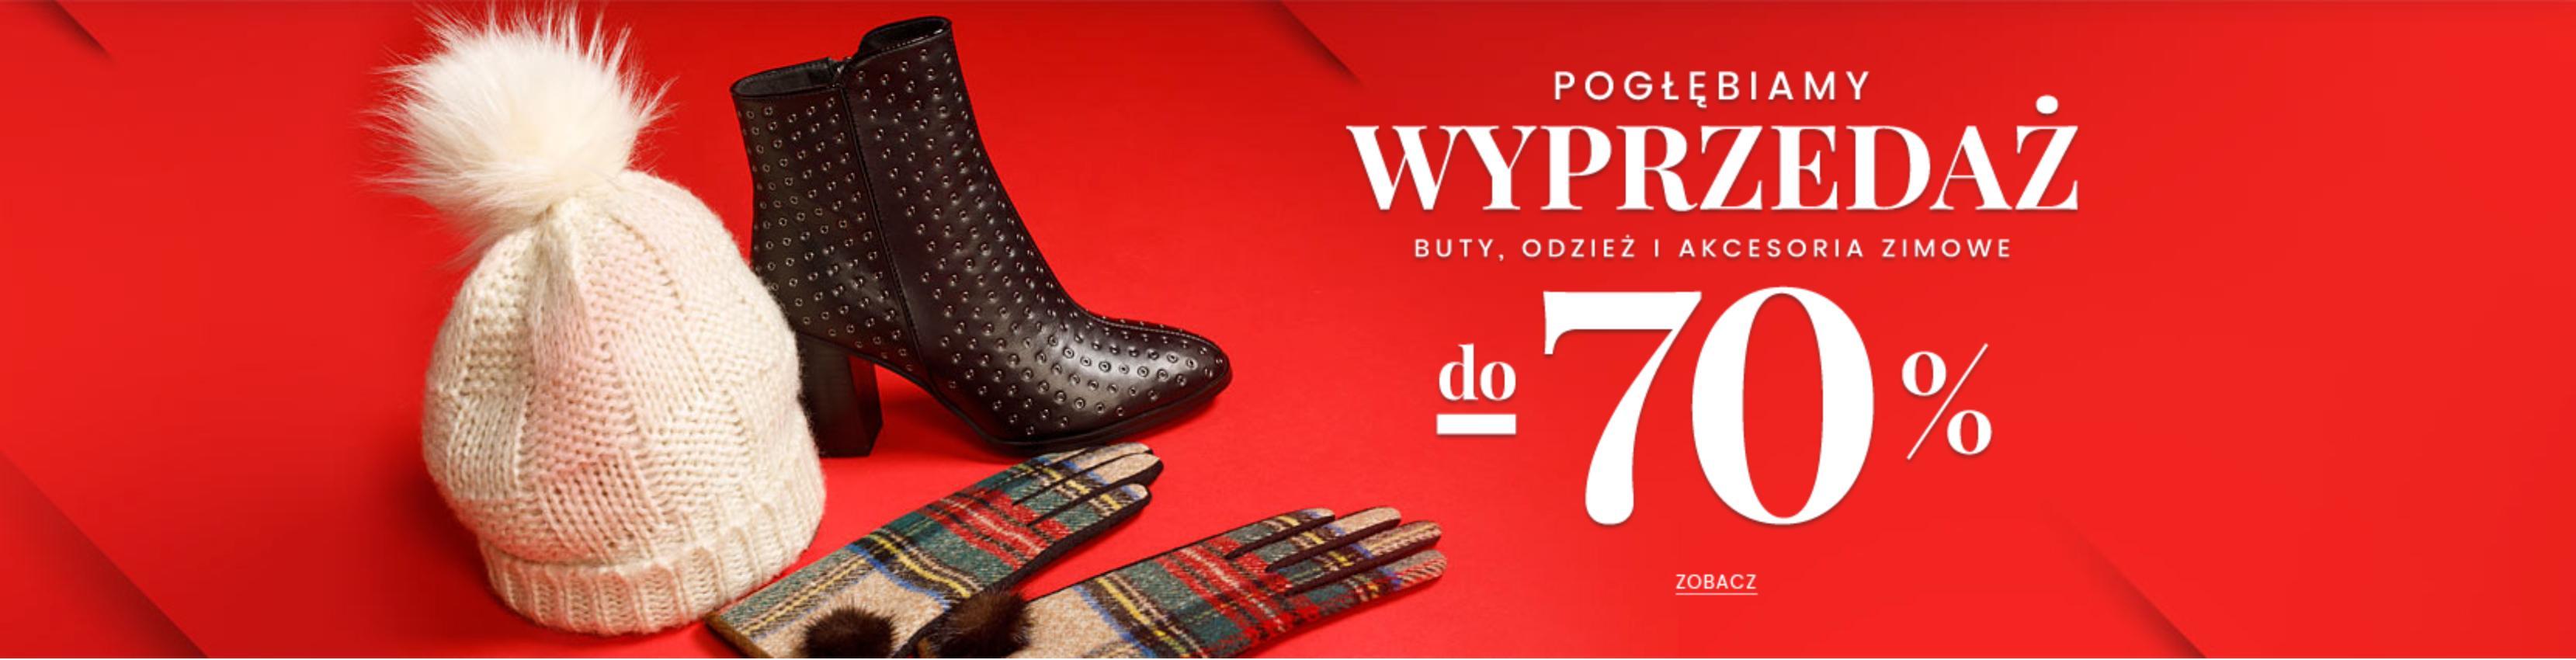 Wittchen: pogłębienie wyprzedaży do 70% zniżki na buty, odzież i akcesoria zimowe